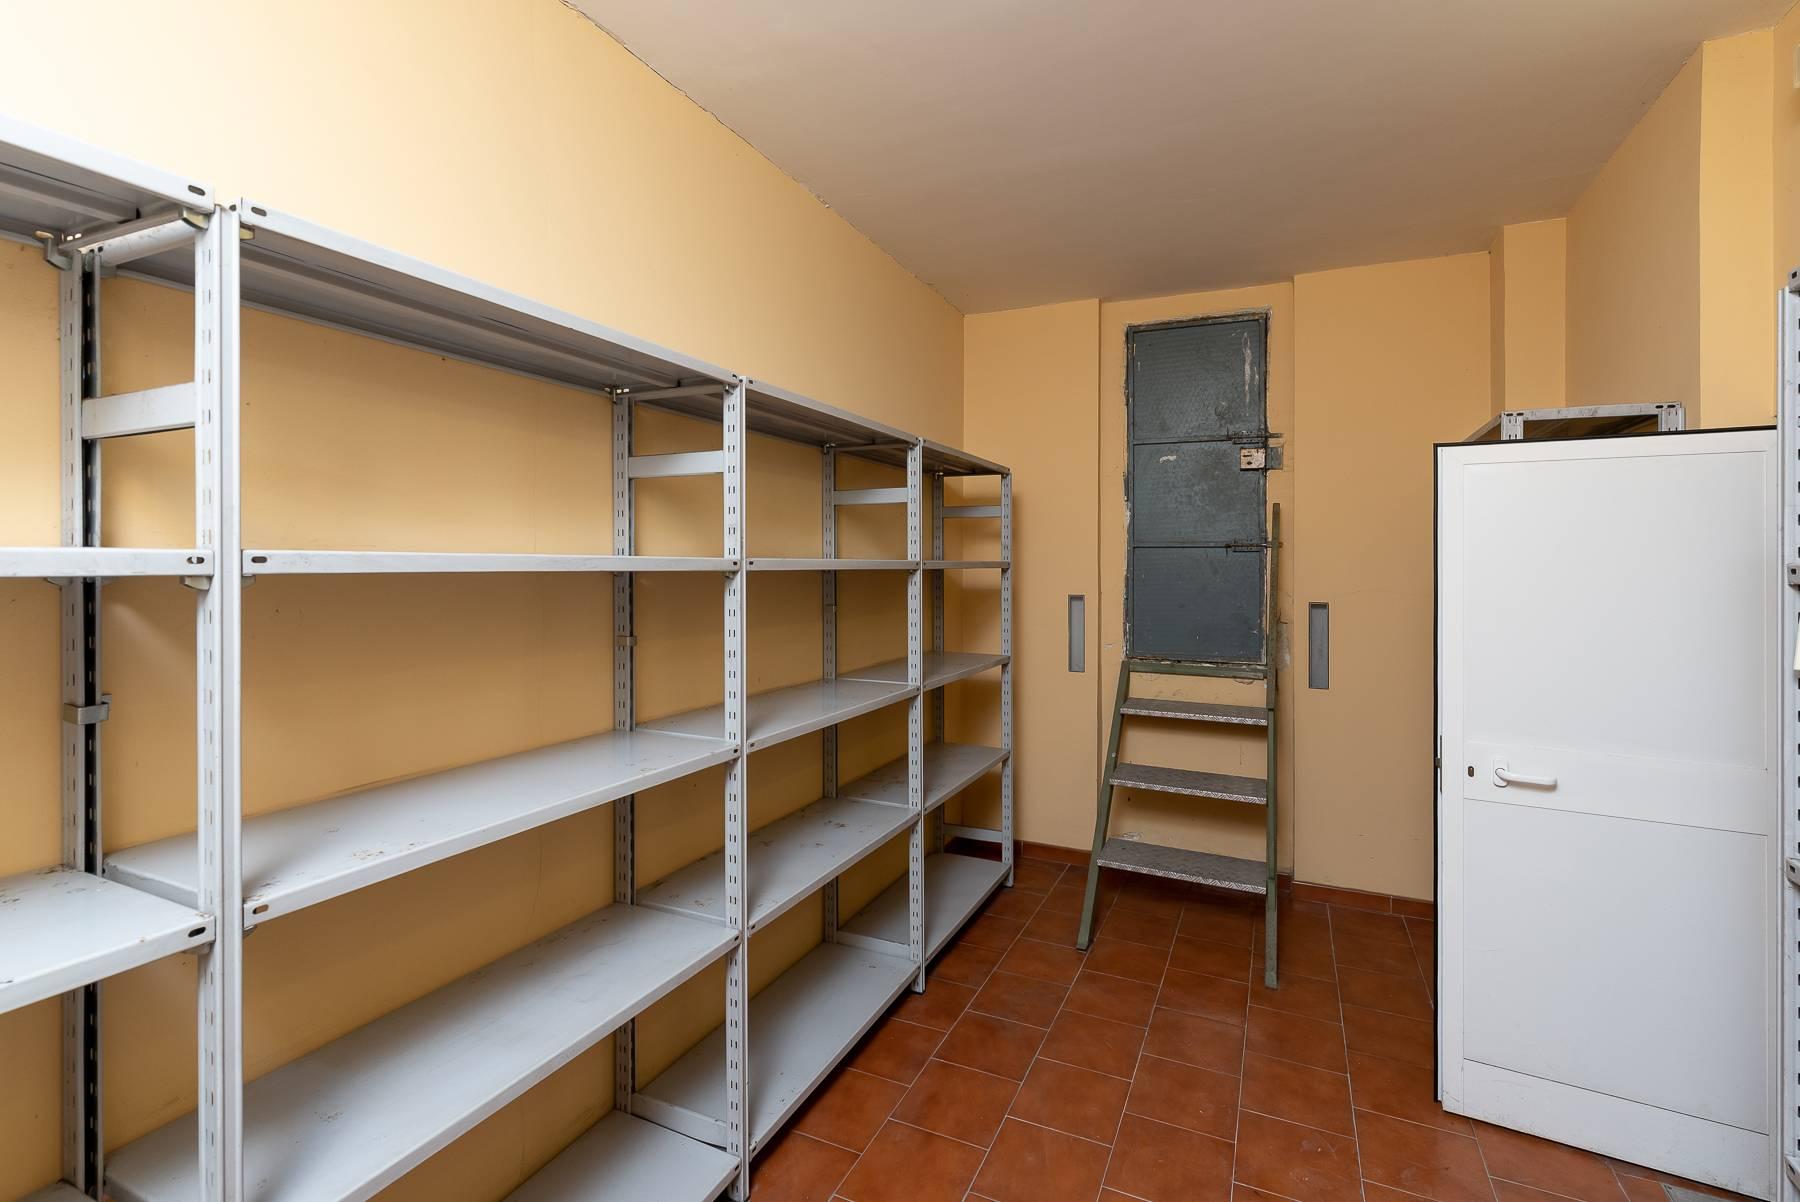 Ufficio-studio in Vendita a Roma: 5 locali, 322 mq - Foto 19